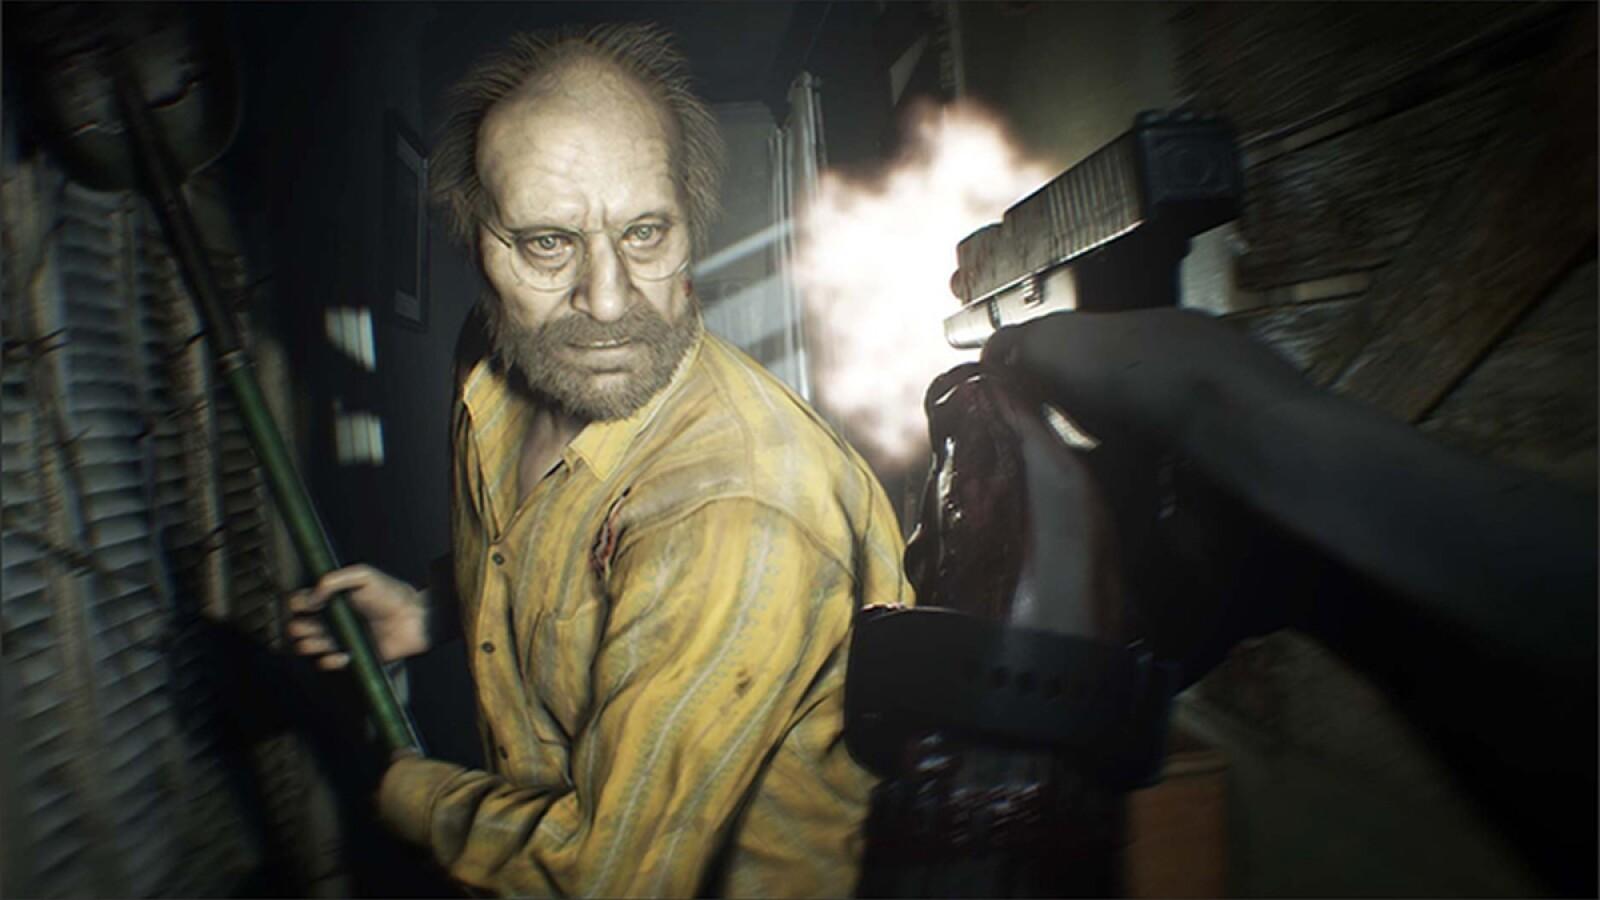 Resident Evil 8: Baldige Ankündigung soll zu großem Aufschrei führen